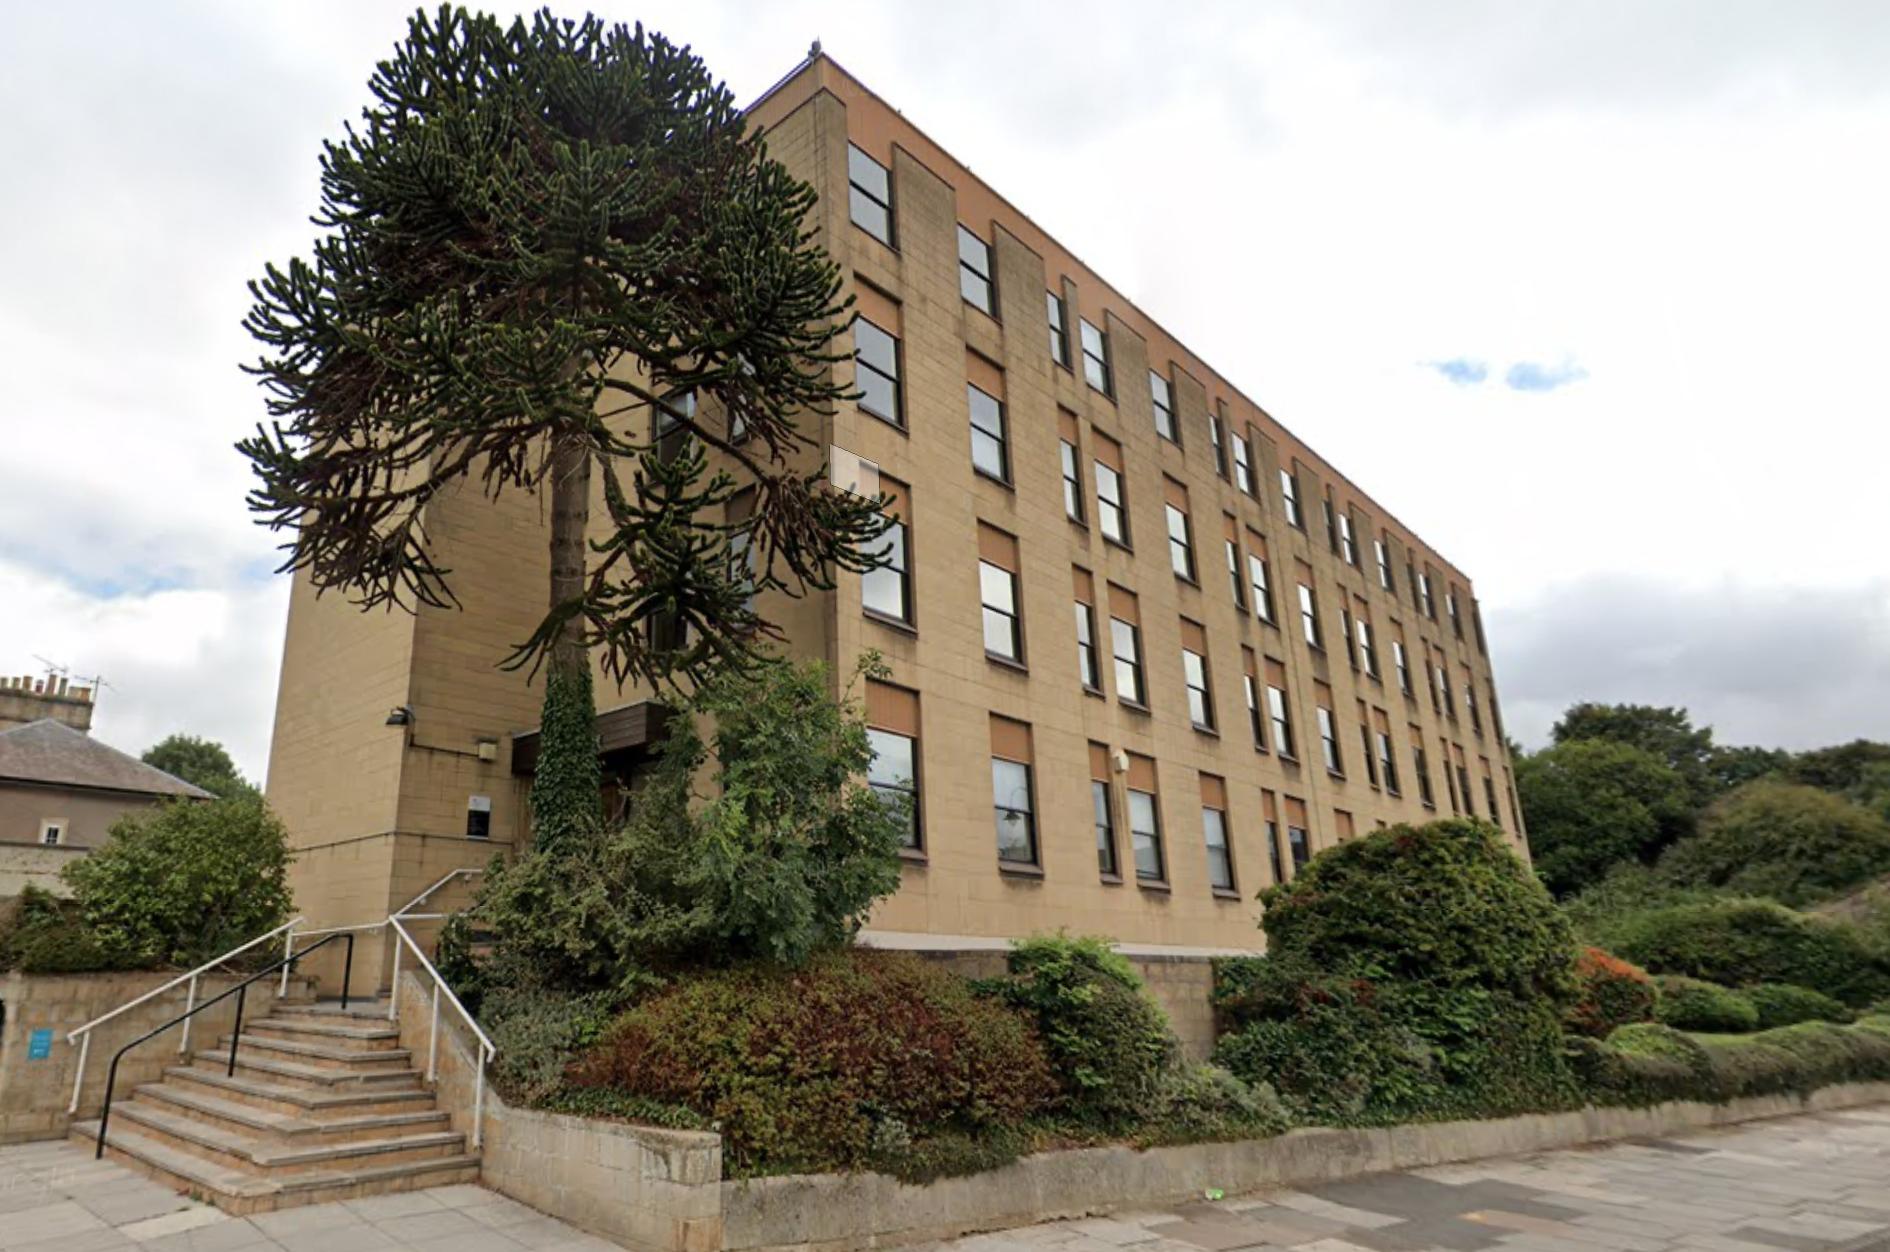 Elite Commercial REIT property, St Paul's House. (Photo: Google Maps)